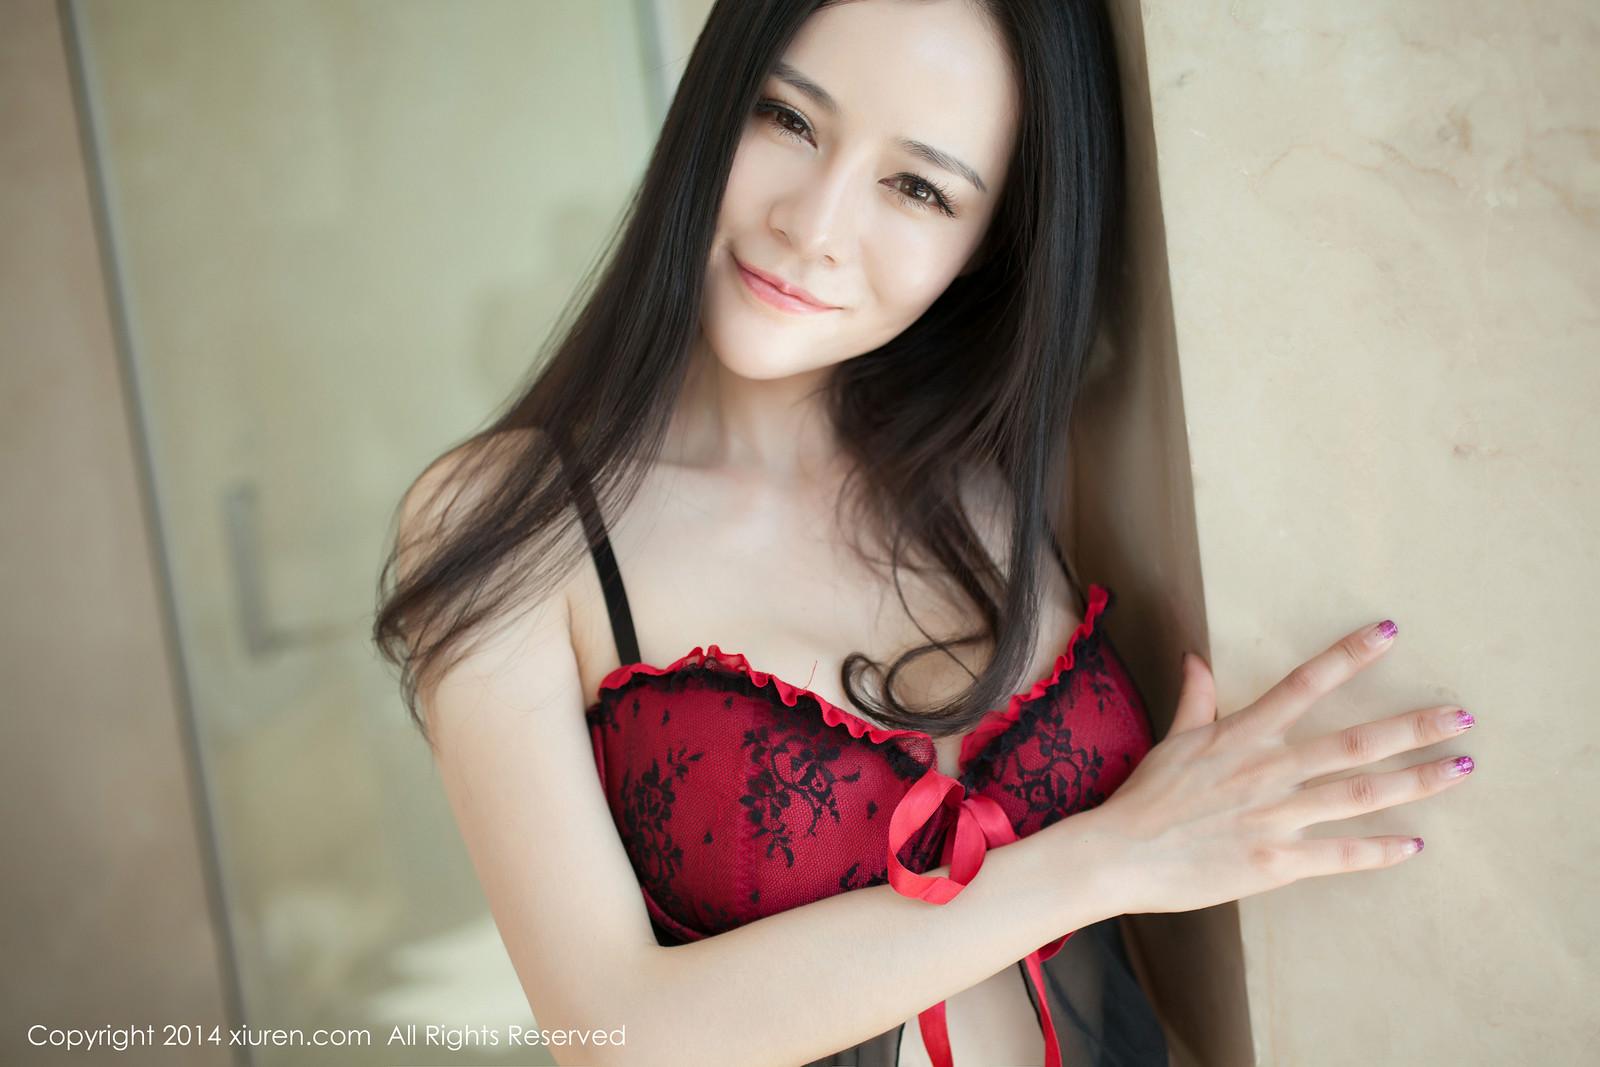 Ảnh gái đẹp HD Đỏ và đen to trắng mượt 9